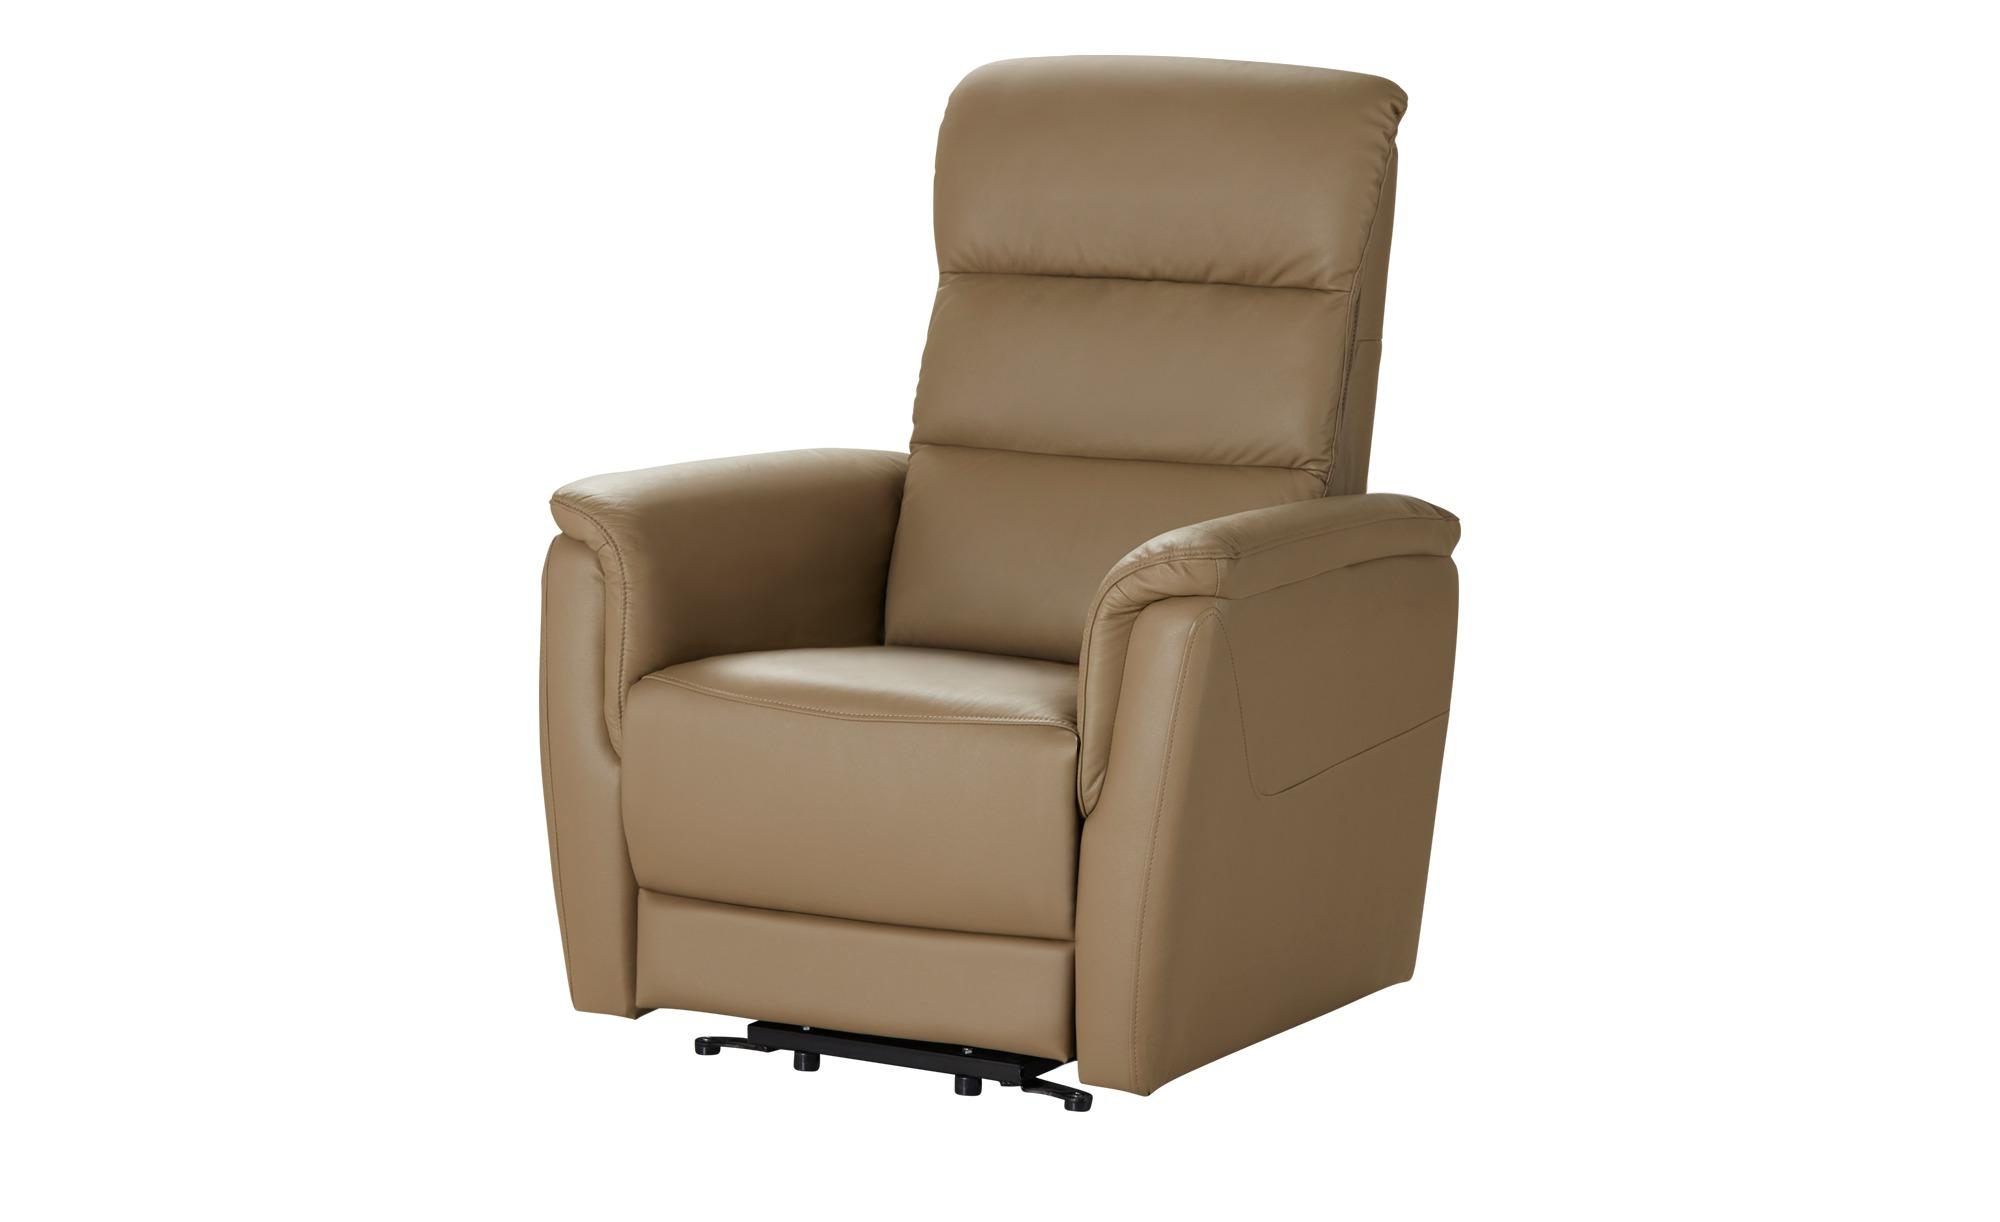 uno fernsehsessel emilia breite 88 cm h he 115 cm braun online kaufen bei woonio. Black Bedroom Furniture Sets. Home Design Ideas